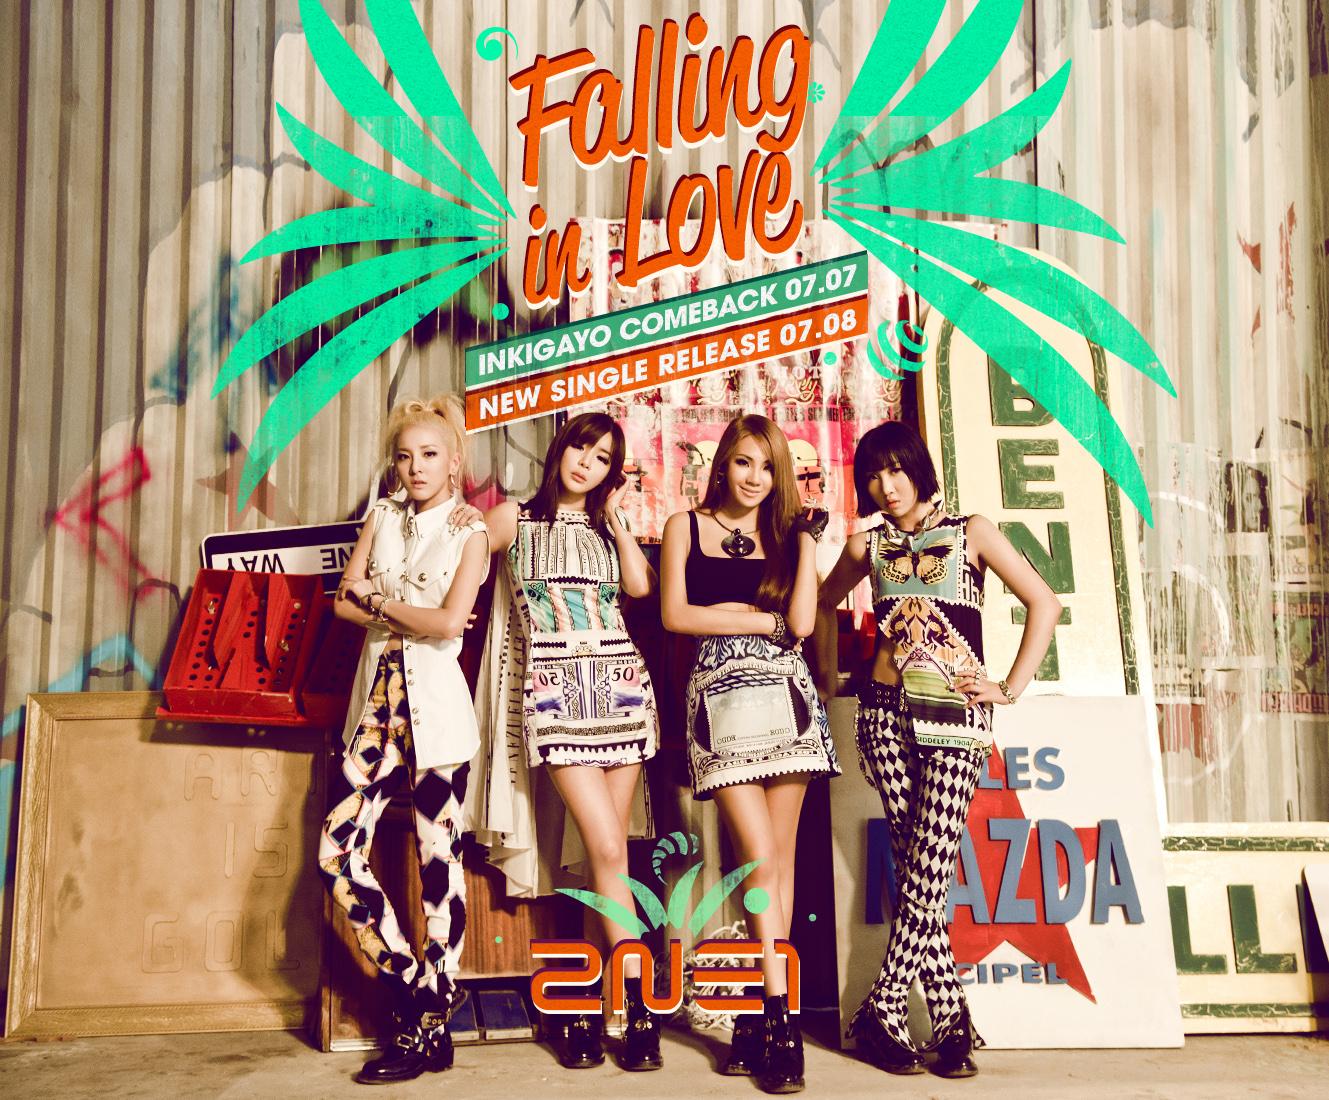 2ne1 falling in love ile ilgili görsel sonucu